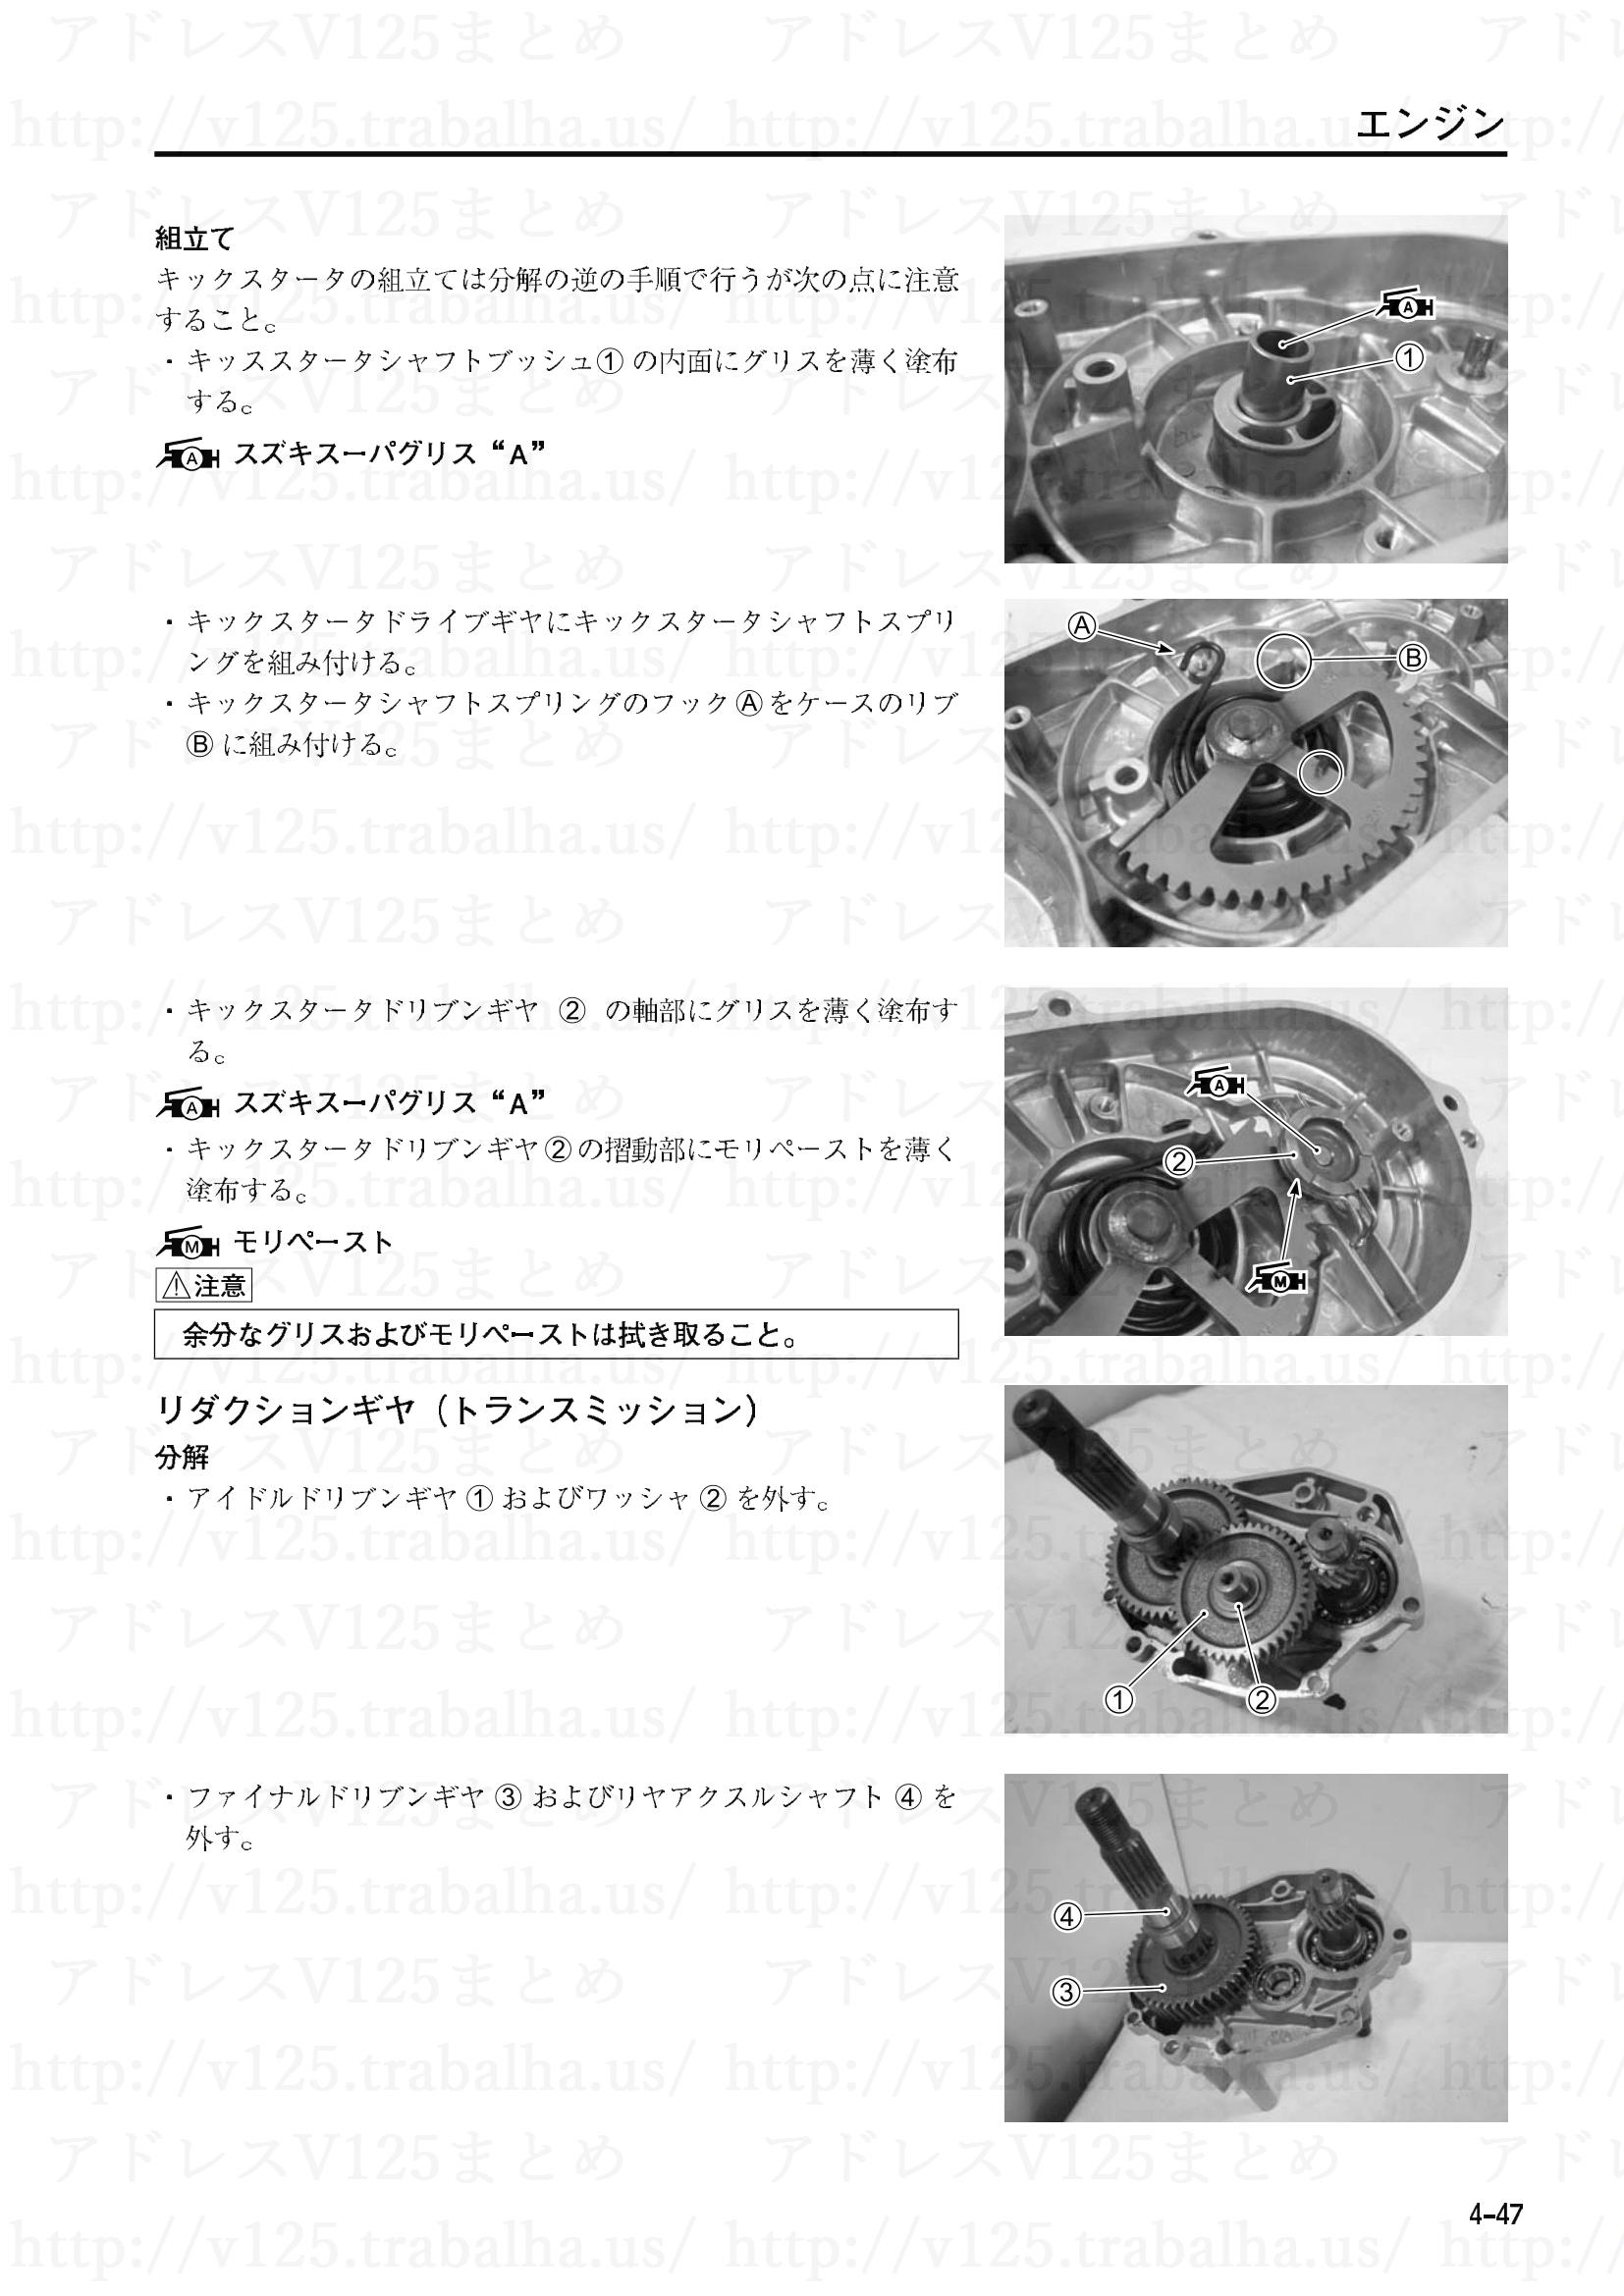 4-47【エンジン】エンジン部組部品の点検25